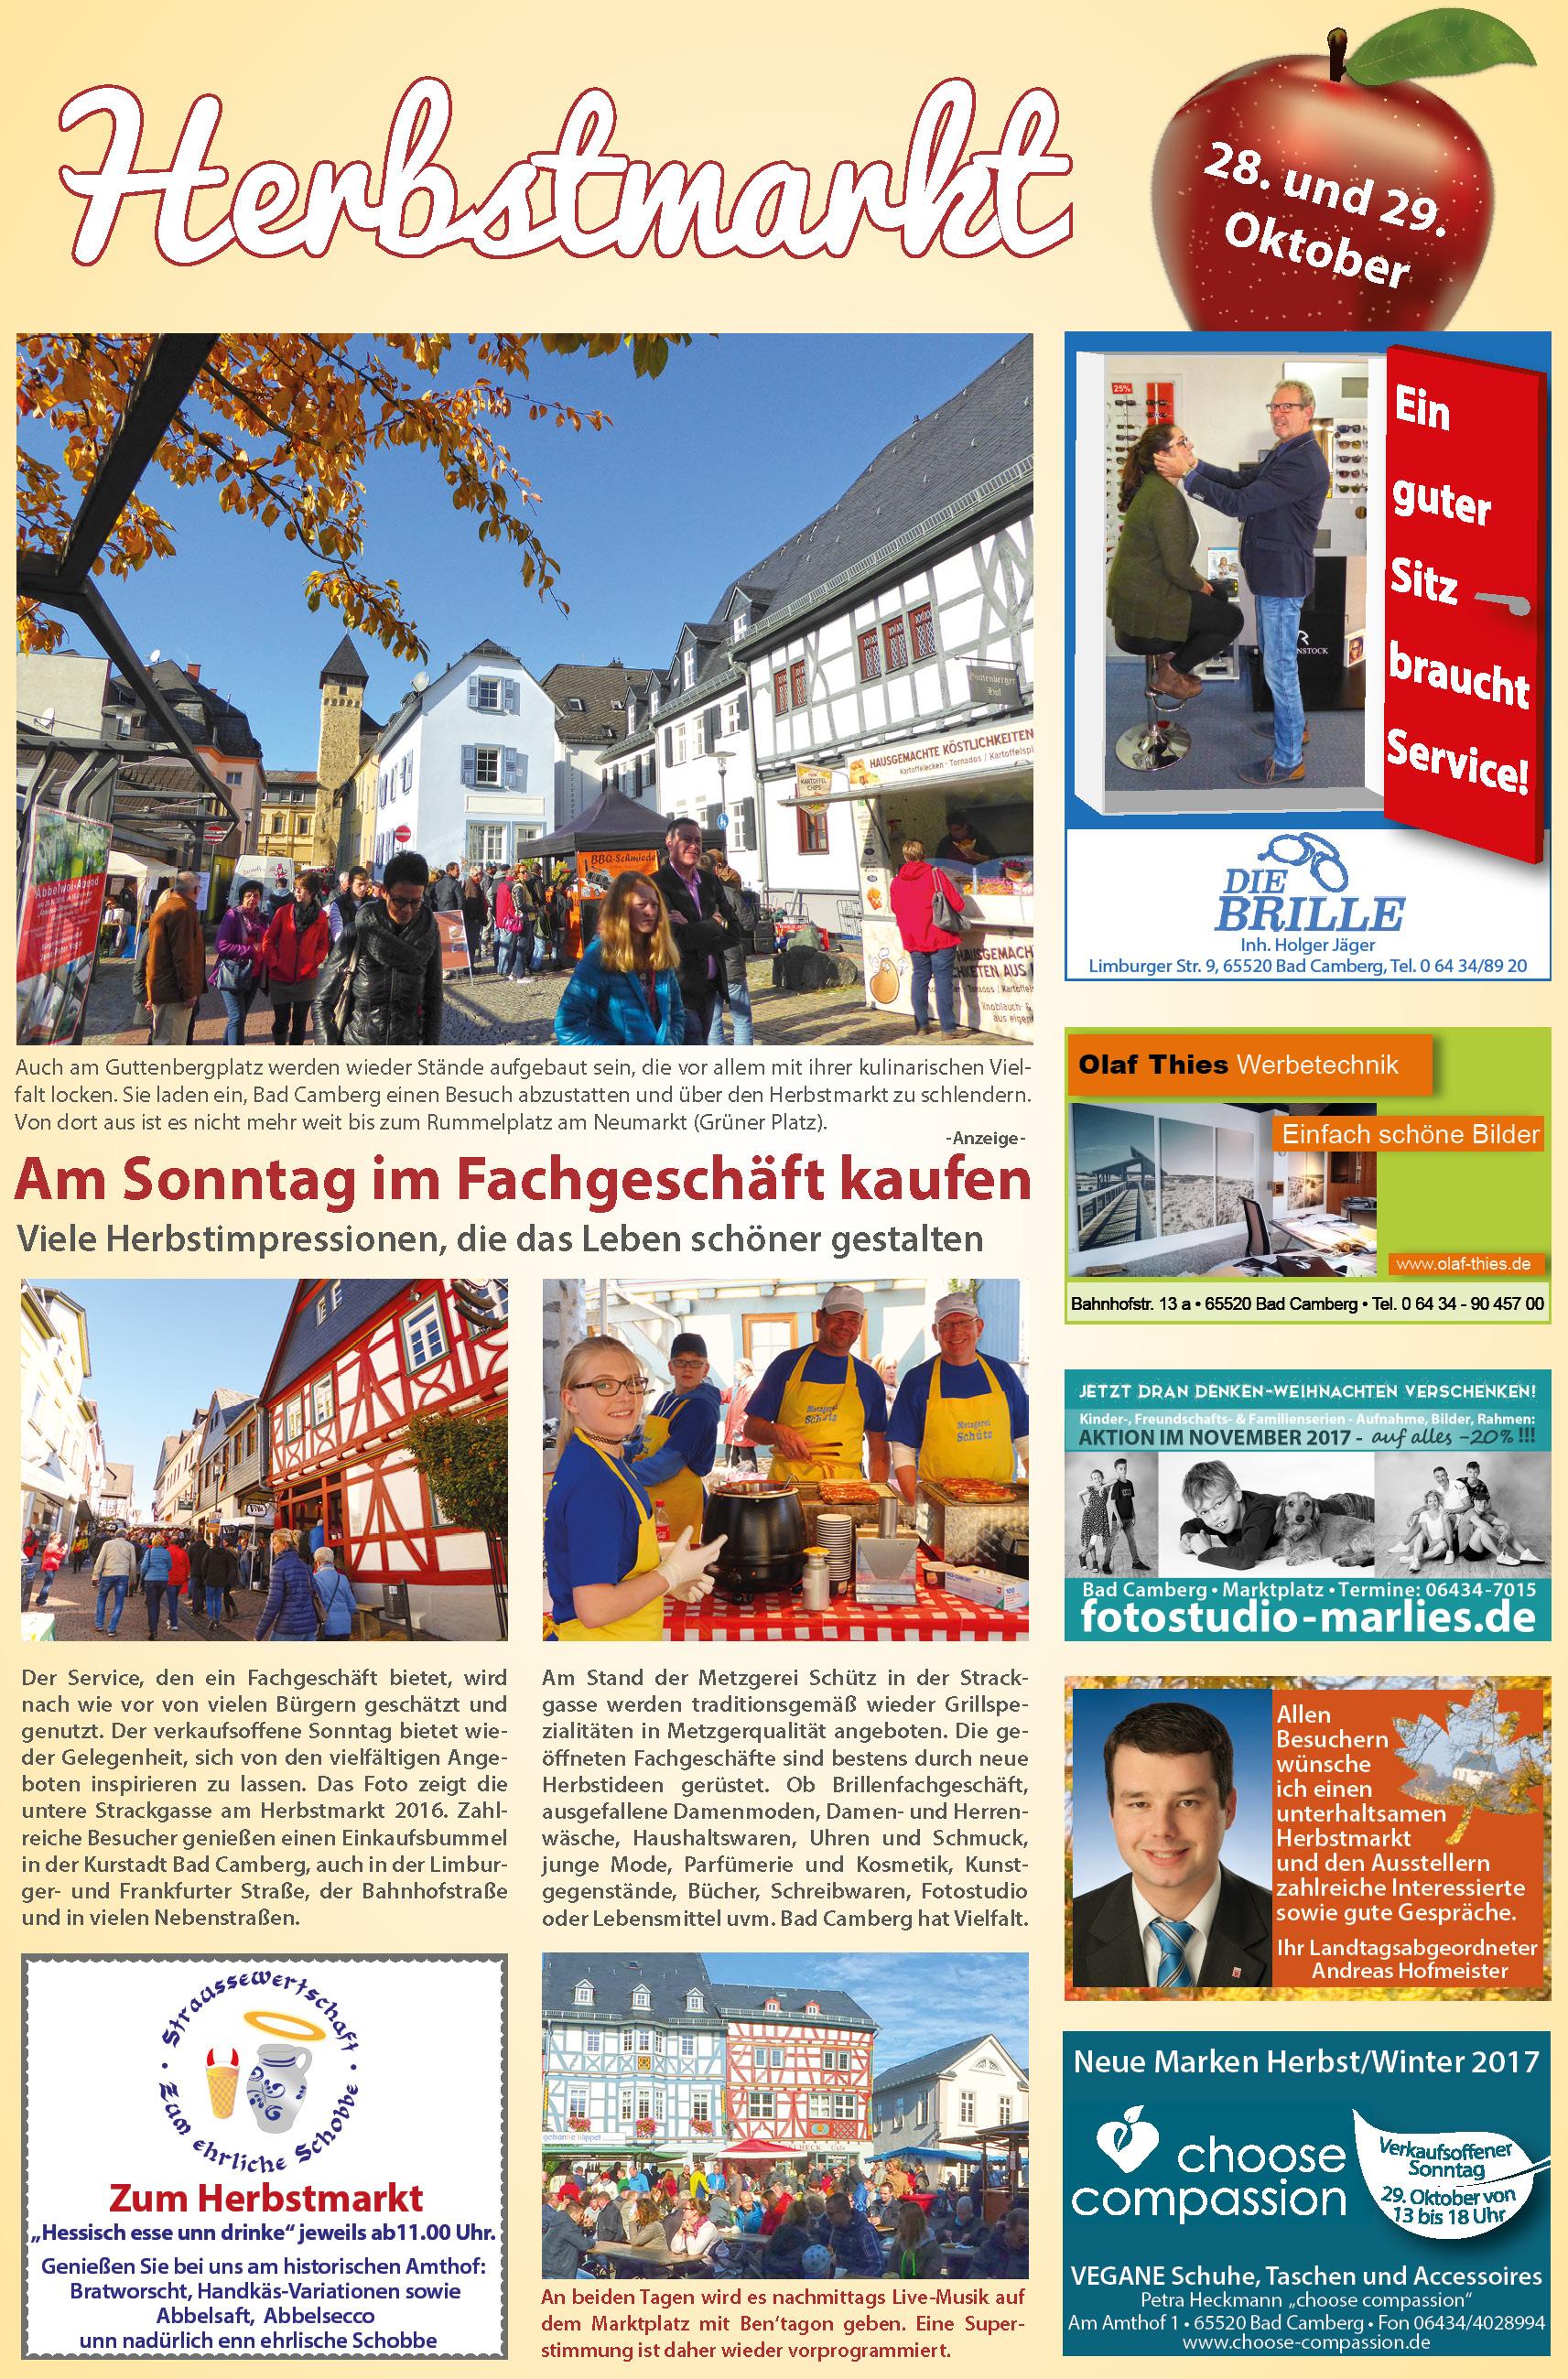 Herbstmarkt20173